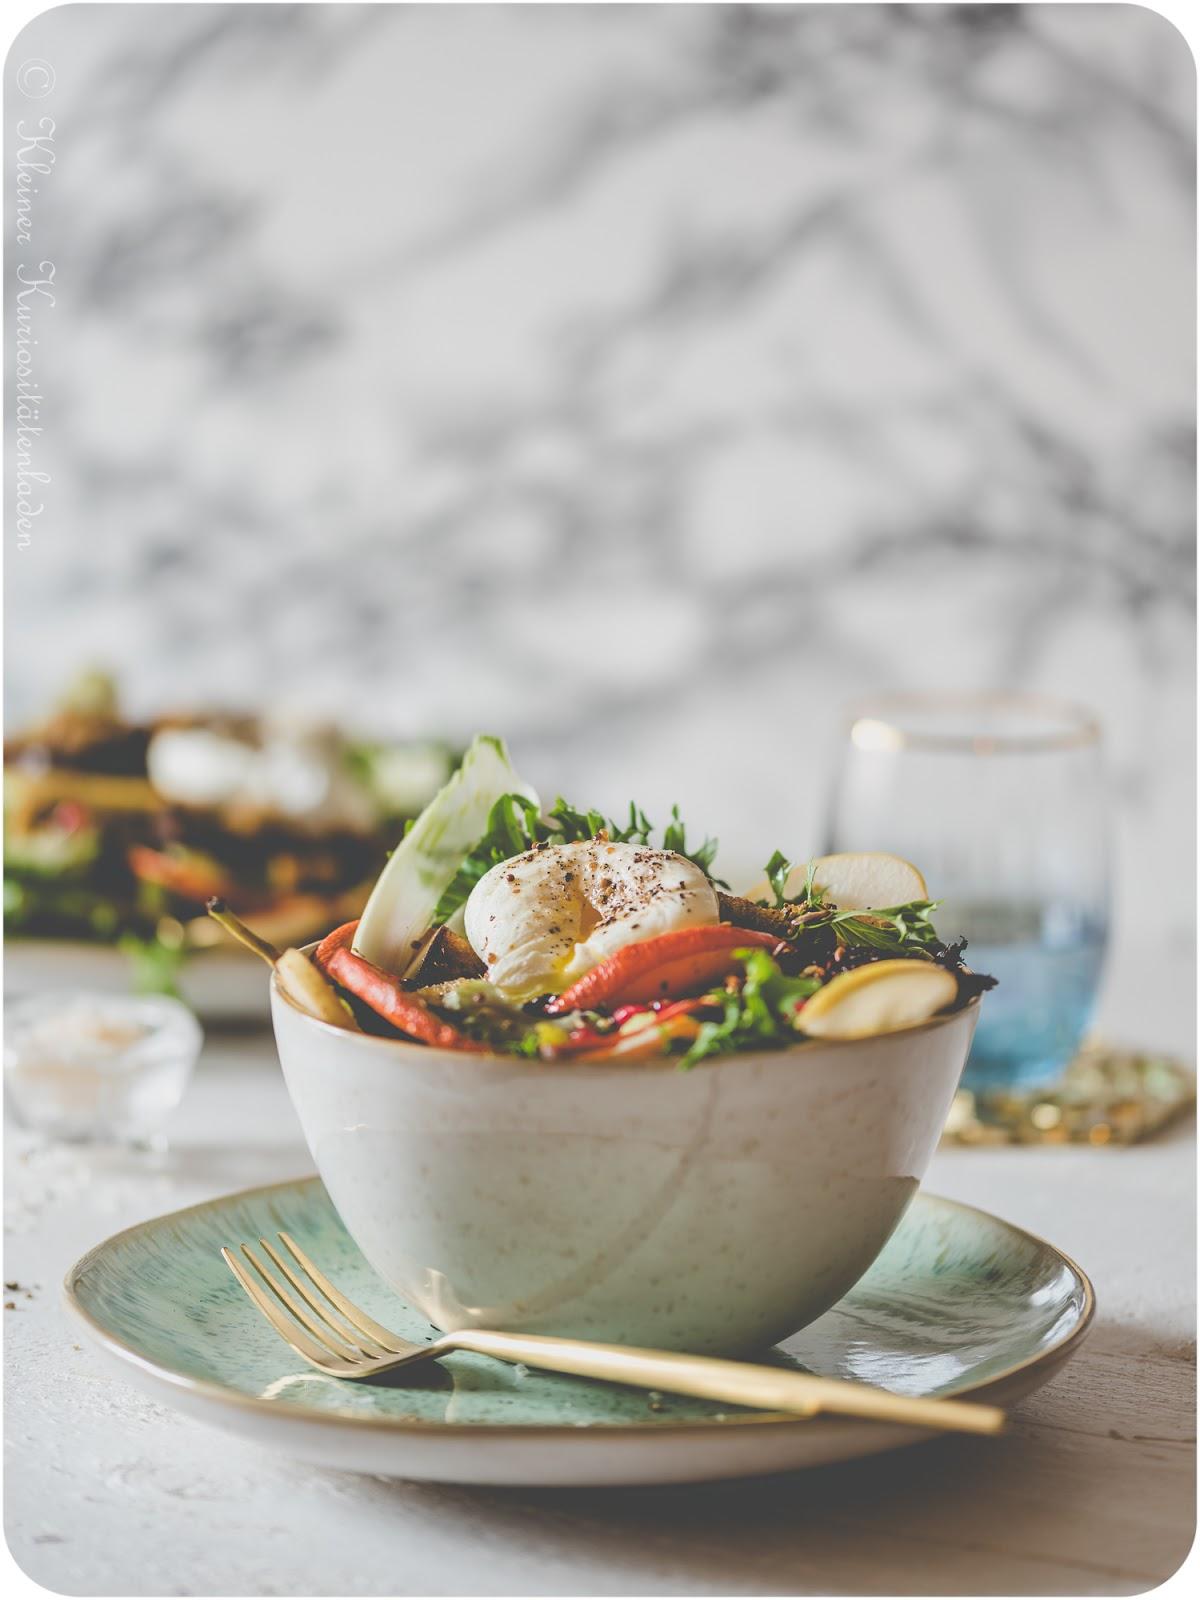 Bittersüßer Herbstauftaktsalat